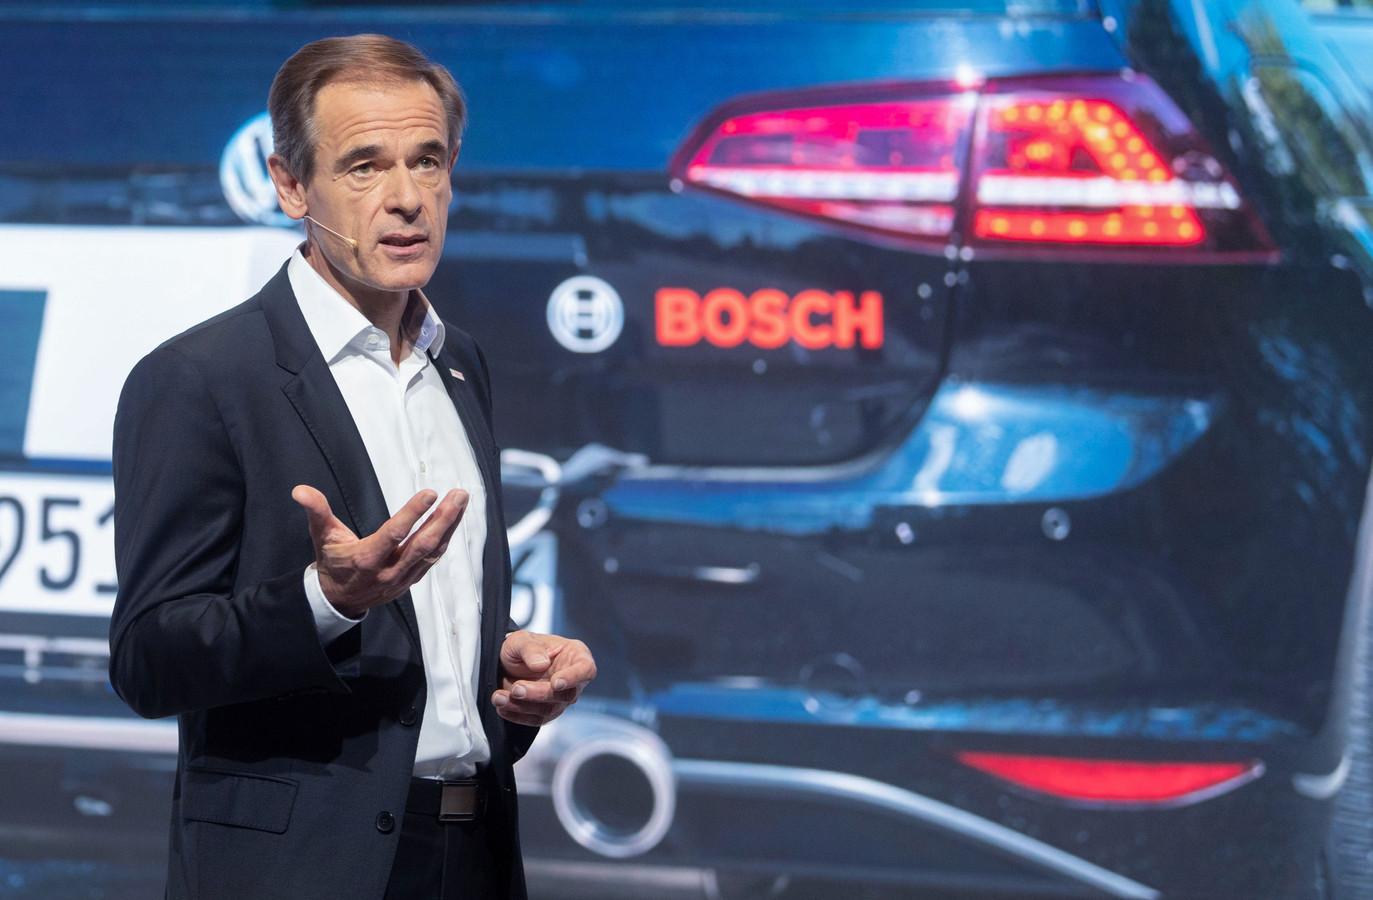 Volkmar Denner, ceo van Bosch, zegt dat zijn bedrijf iets wil doen tegen de klimaatverandering. Bosch ziet toekomst in auto's op waterstof.